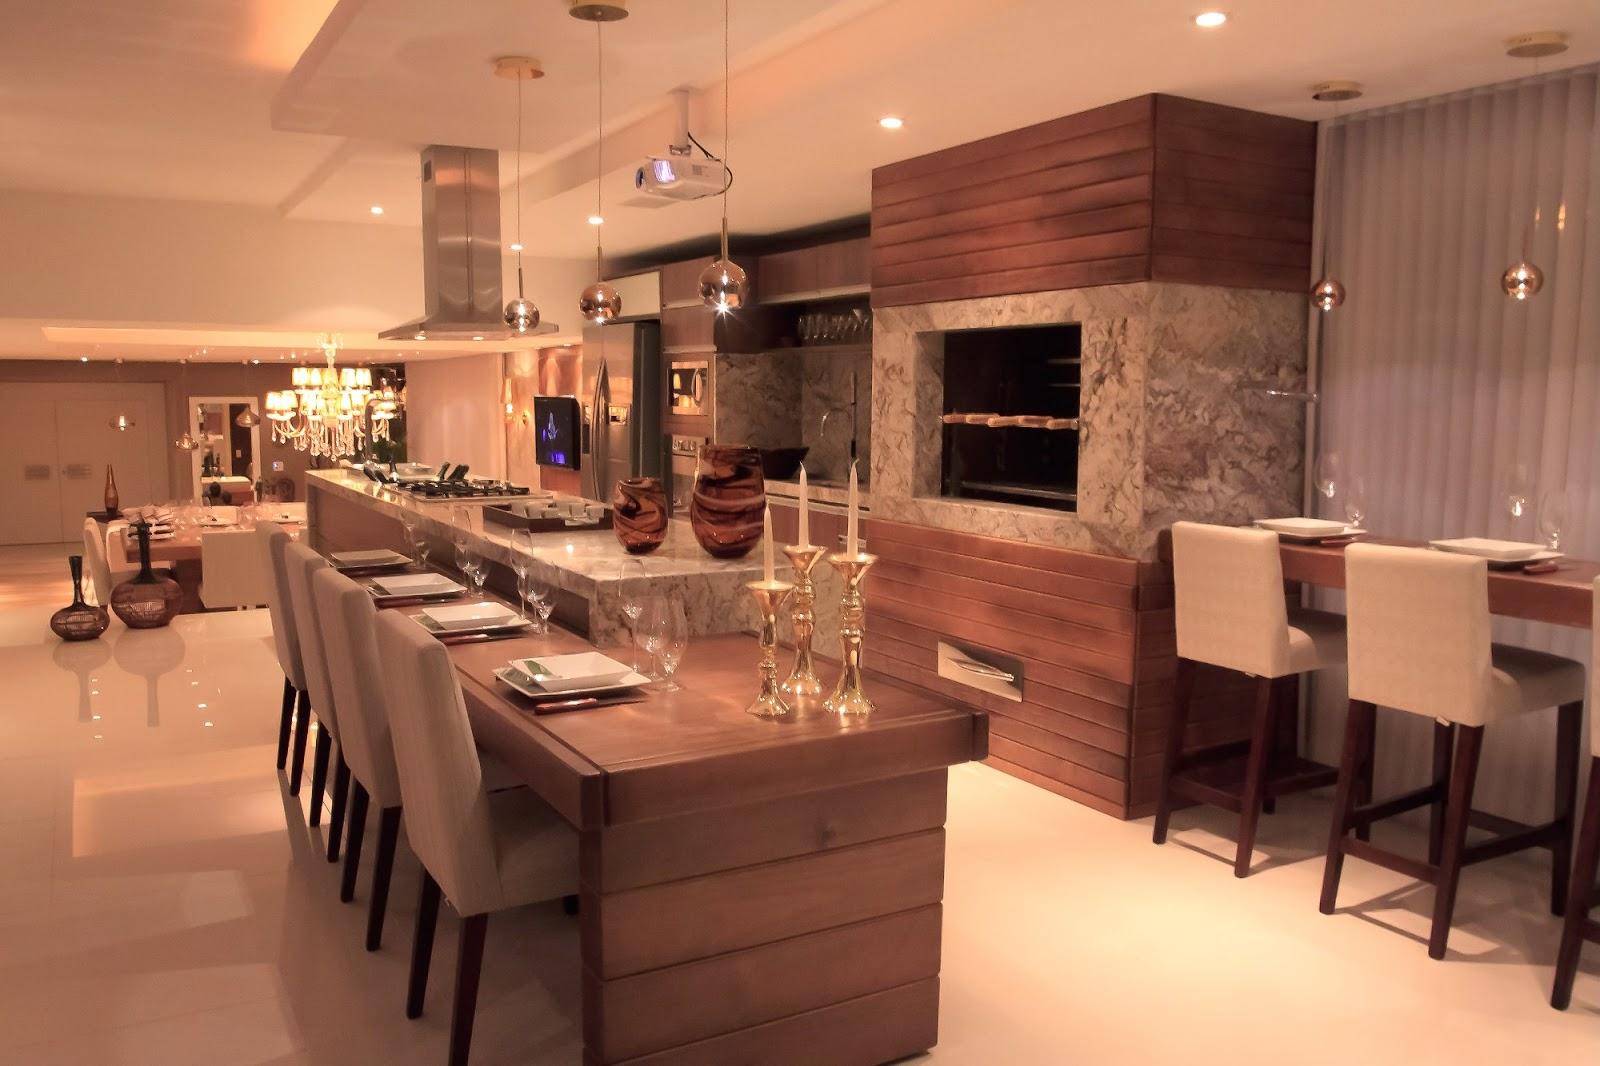 Sou fã dessa cozinha acho lindo o decor a cor o mix de materiais  #C67605 1600 1066